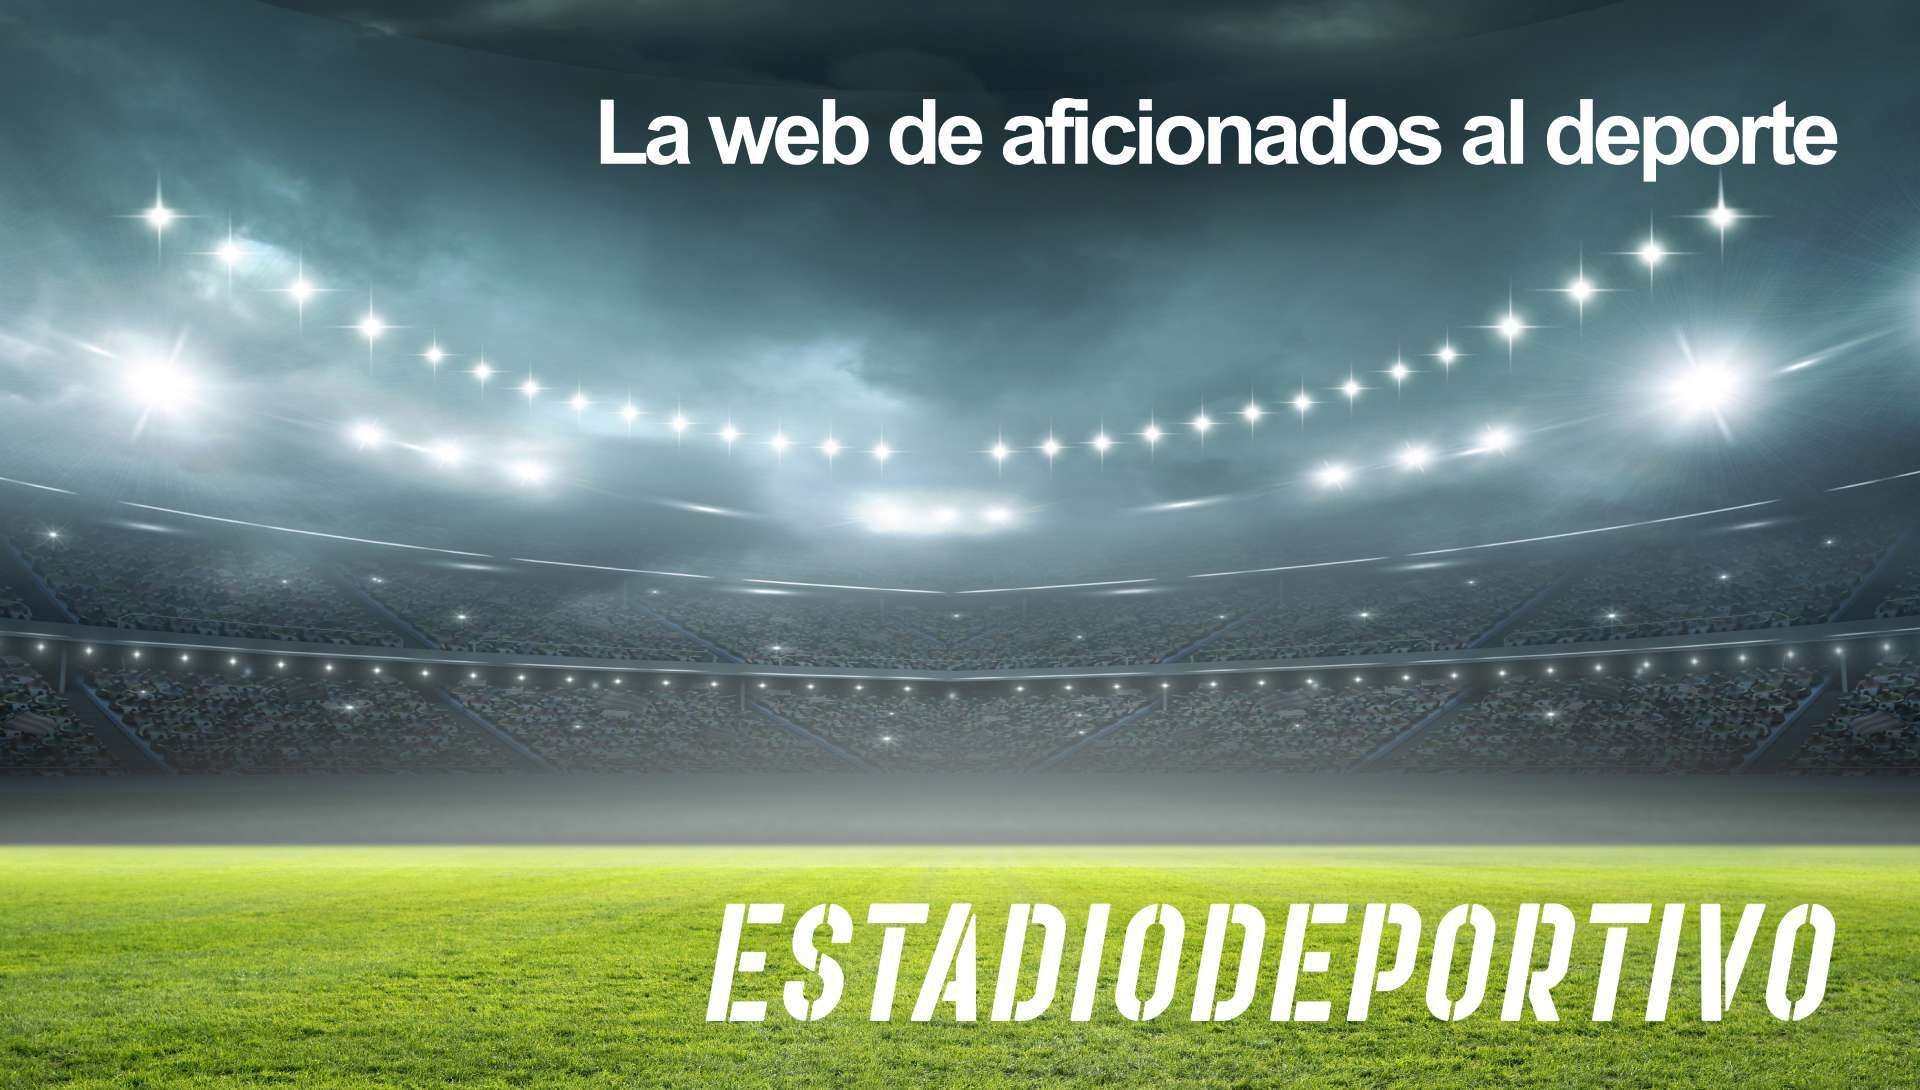 Las portadas deportivas del martes 5 de octubre